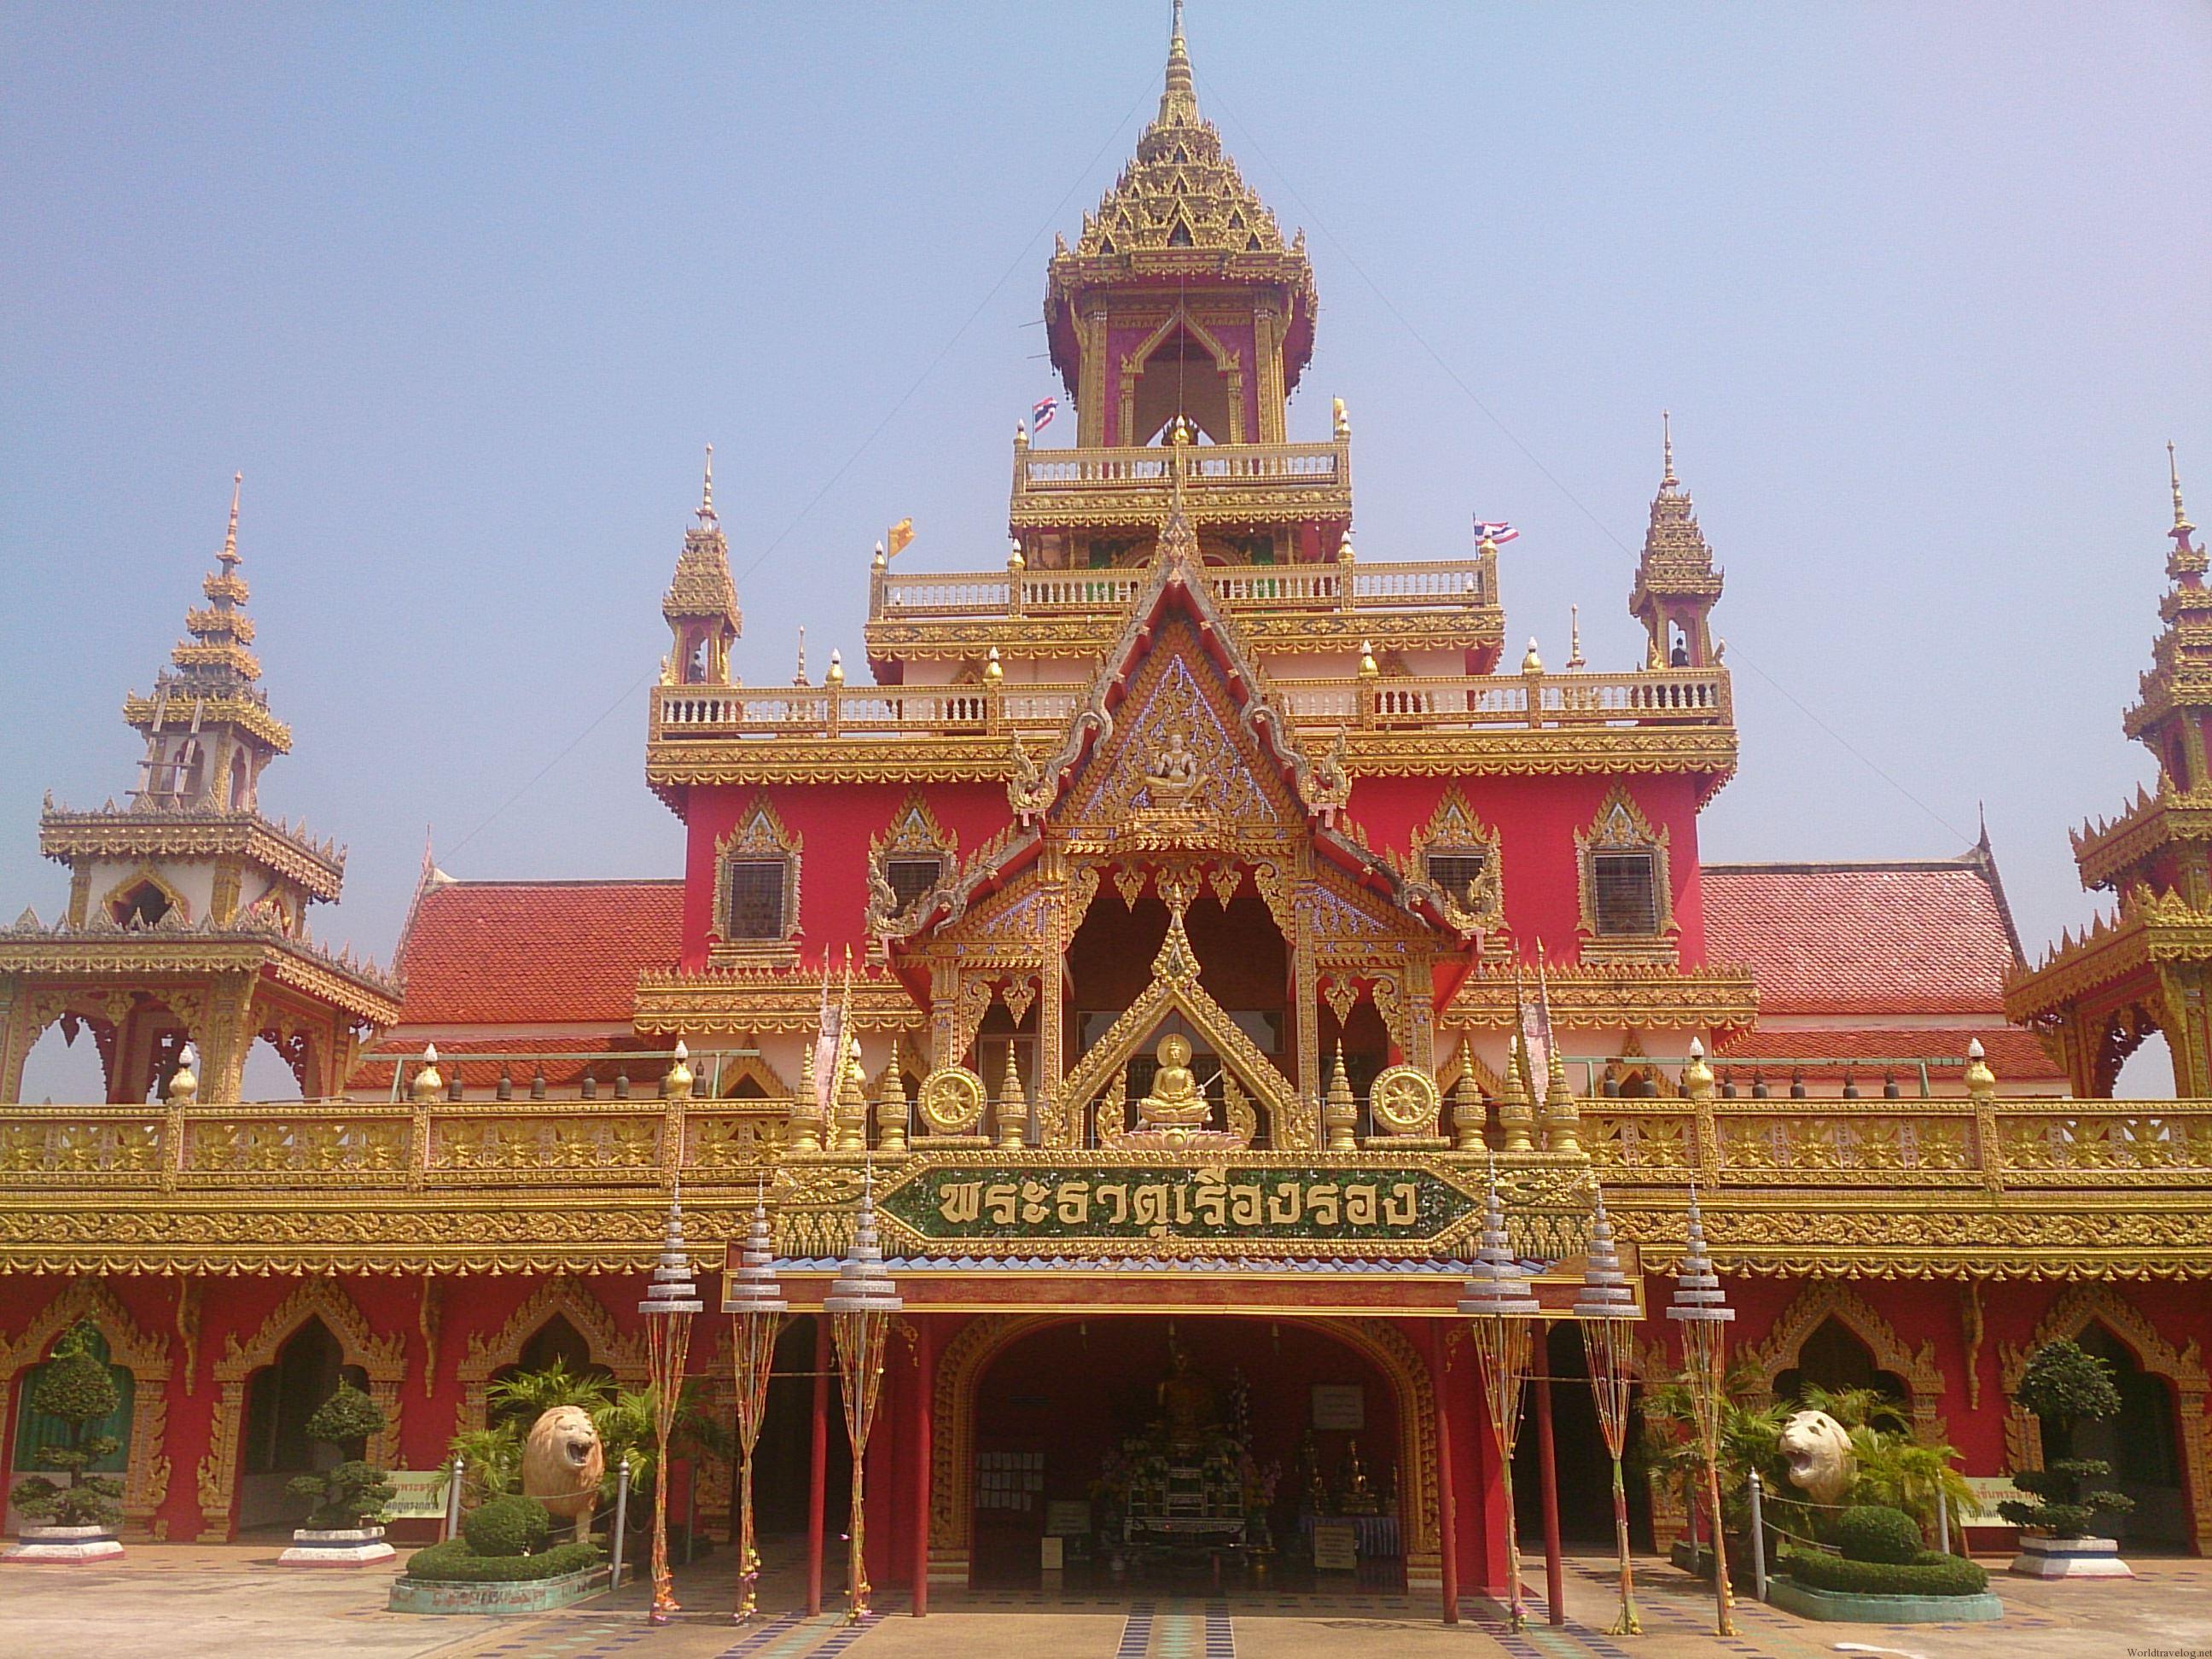 一風も二風も変わったタイの寺院 プラタート・ルアン・ローン